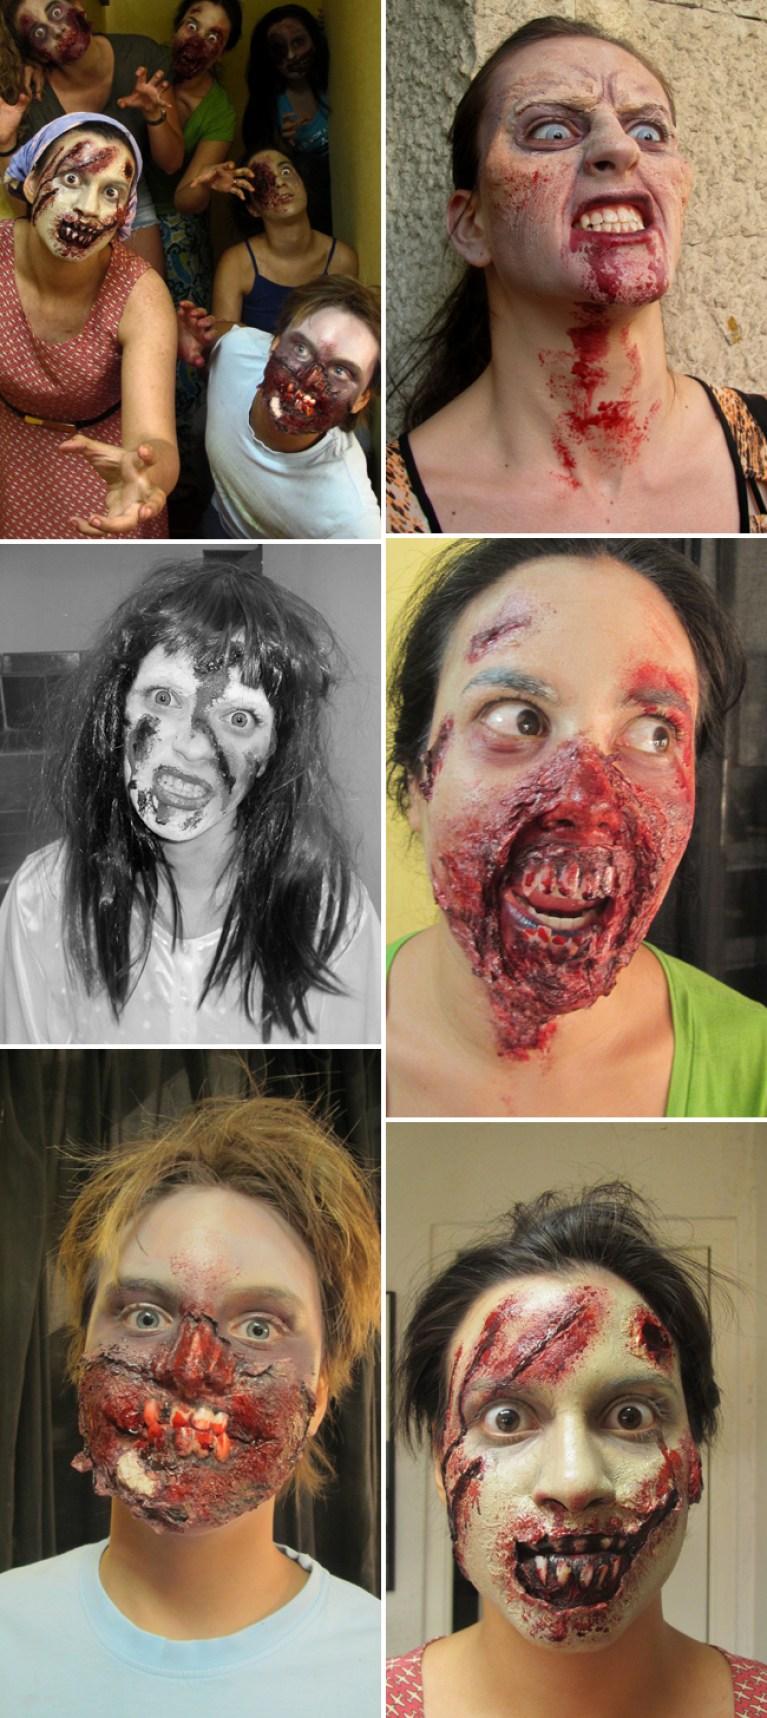 Trabajos de alumnos Academia c10 Carlos Diez. Zombies, canibalismo, sangre, trabajos fx efectos especiales de maquillaje para videojuegos cine, teatro y television.